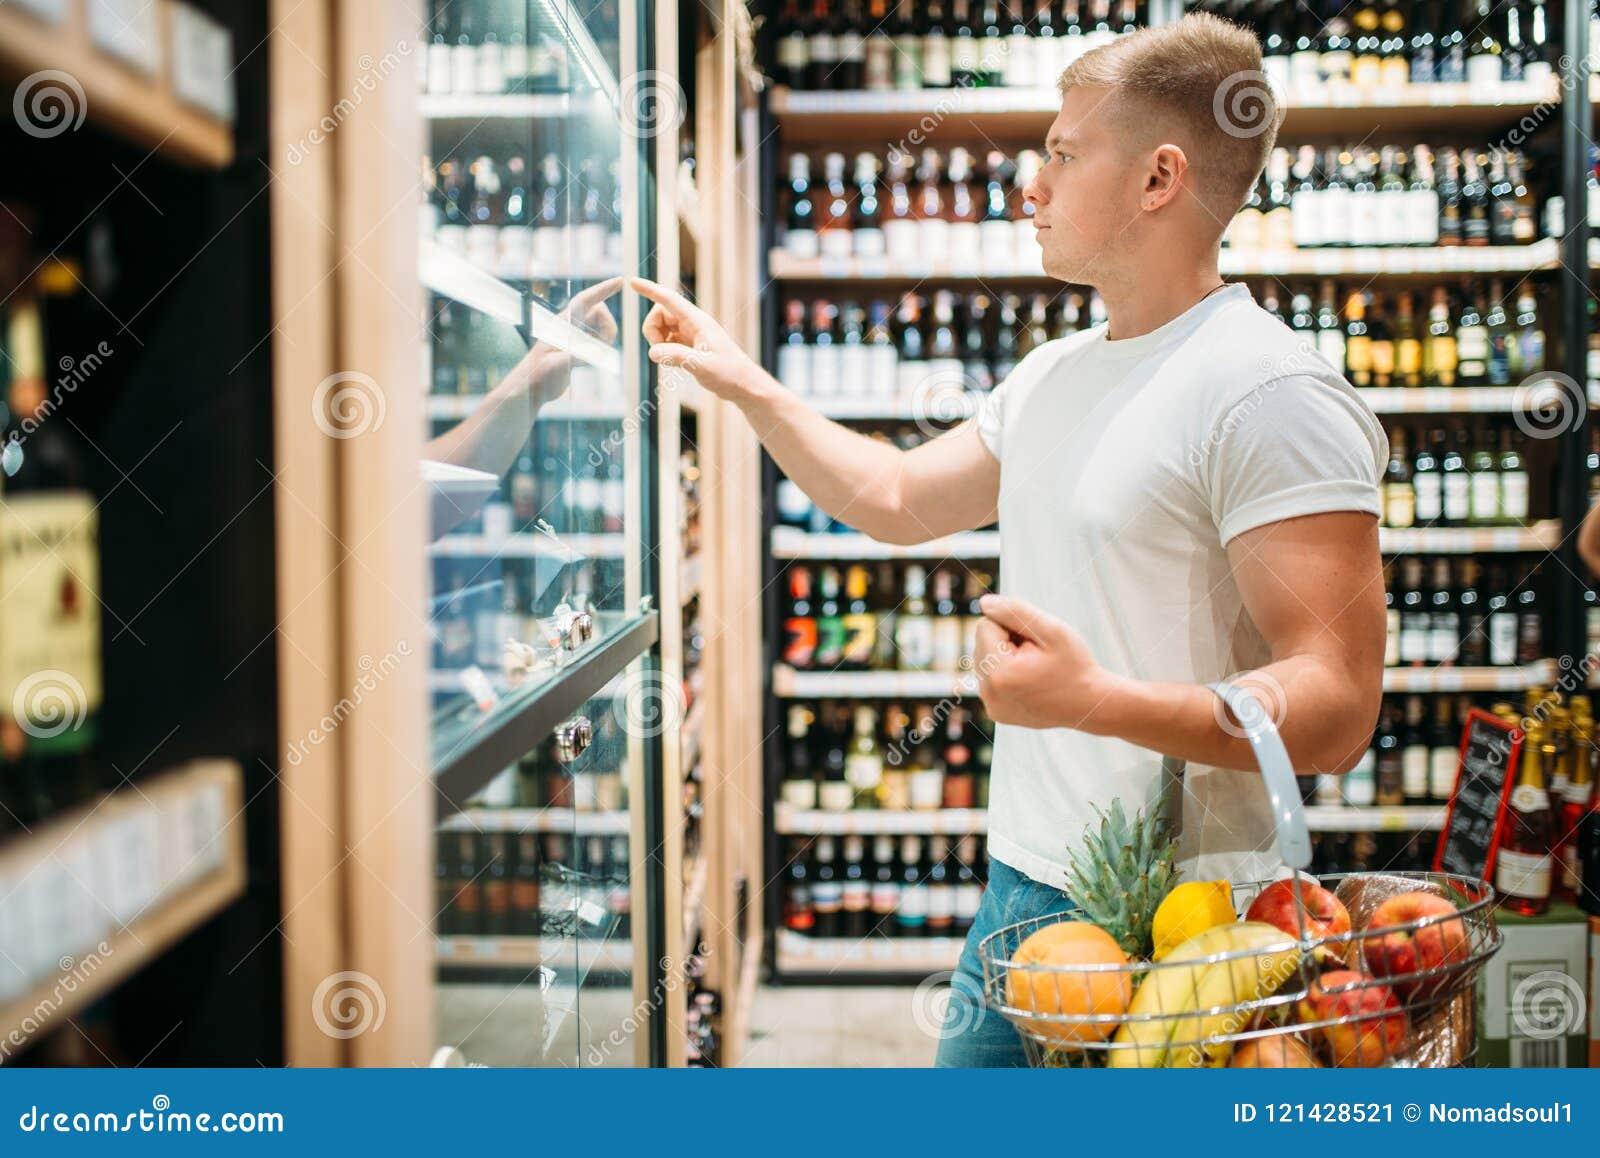 Klient wybiera piwo w supermarkecie z koszem